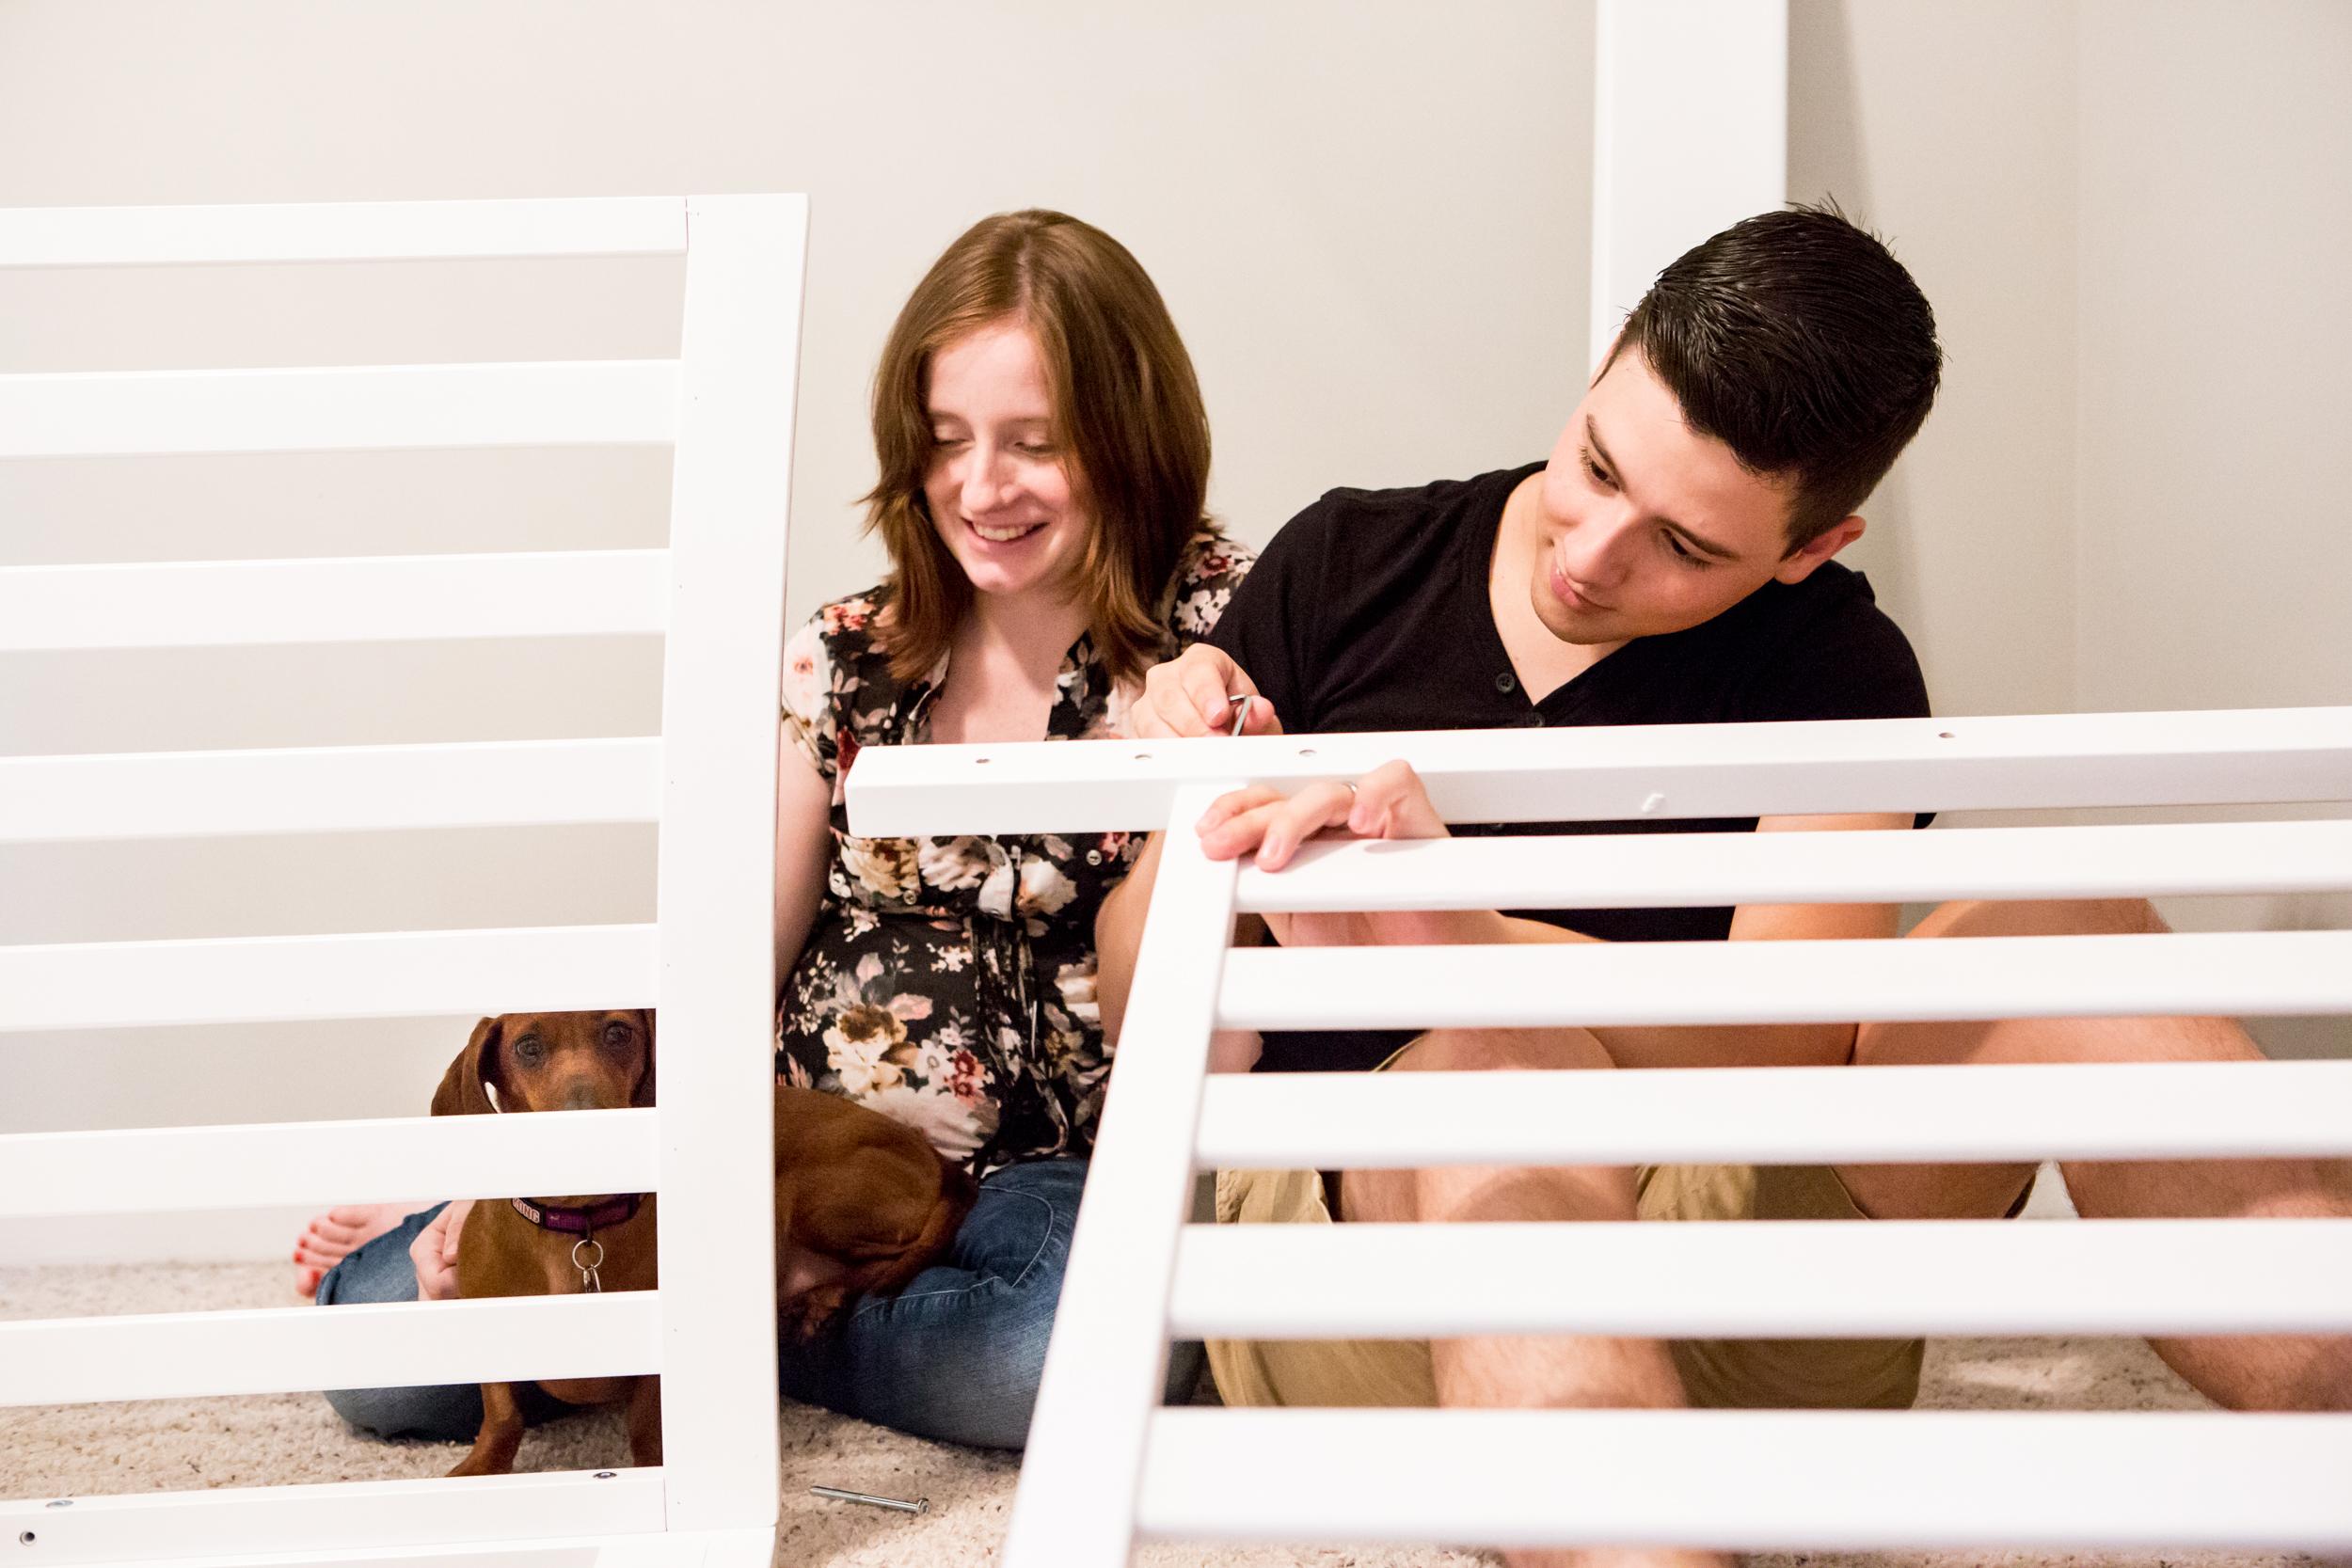 jacksonville-beach-ponte-vedra-maternity-family-photographer-3.jpg